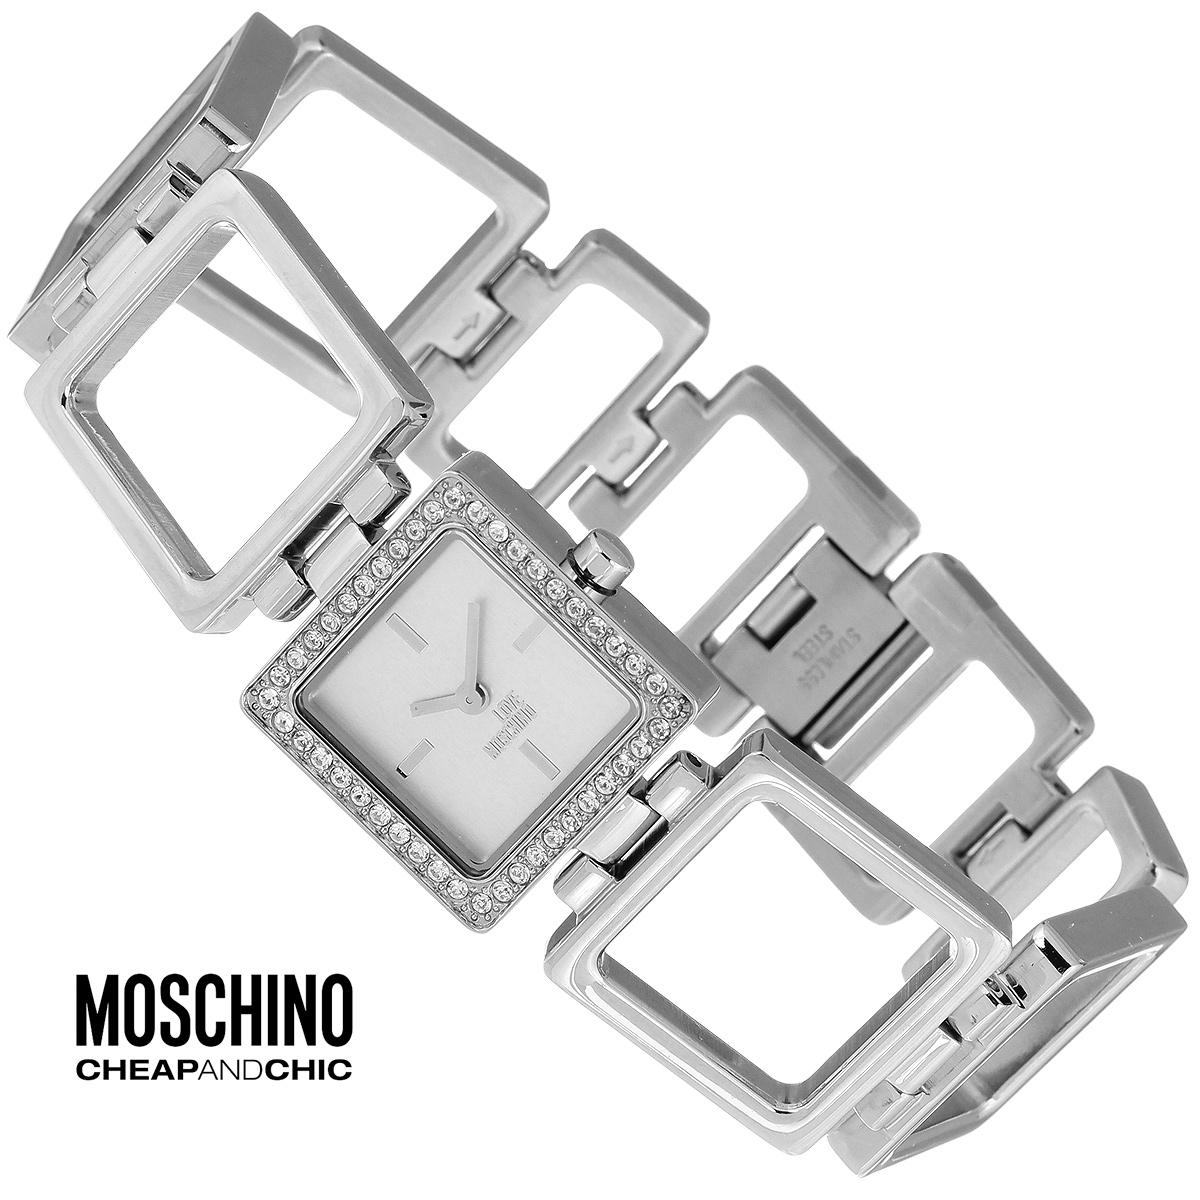 """Часы женские наручные Moschino, цвет: серебристый. MW0462MW0462Наручные часы от известного итальянского бренда Moschino - это не только стильный и функциональный аксессуар, но и современные технологи, сочетающиеся с экстравагантным дизайном и индивидуальностью. Часы Moschino оснащены кварцевым механизмом. Корпус выполнен из высококачественной нержавеющей стали и по контуру циферблата декорирован стразами. Циферблат с отметками оформлен надписью """"Love Moschino и защищен минеральным стеклом. Часы имеют две стрелки - часовую и минутную. Браслет часов выполнен из нержавеющей стали в виде квадратных звеньев и имеет надежную застежку. Часы упакованы в фирменную металлическую коробку с логотипом бренда. Часы Moschino благодаря своему уникальному дизайну отличаются от часов других марок своеобразными циферблатами, функциональностью, а также набором уникальных технических свойств. Каждой модели присуща легкая экстравагантность, самобытность и, безусловно, великолепный вкус. Характеристики: ..."""